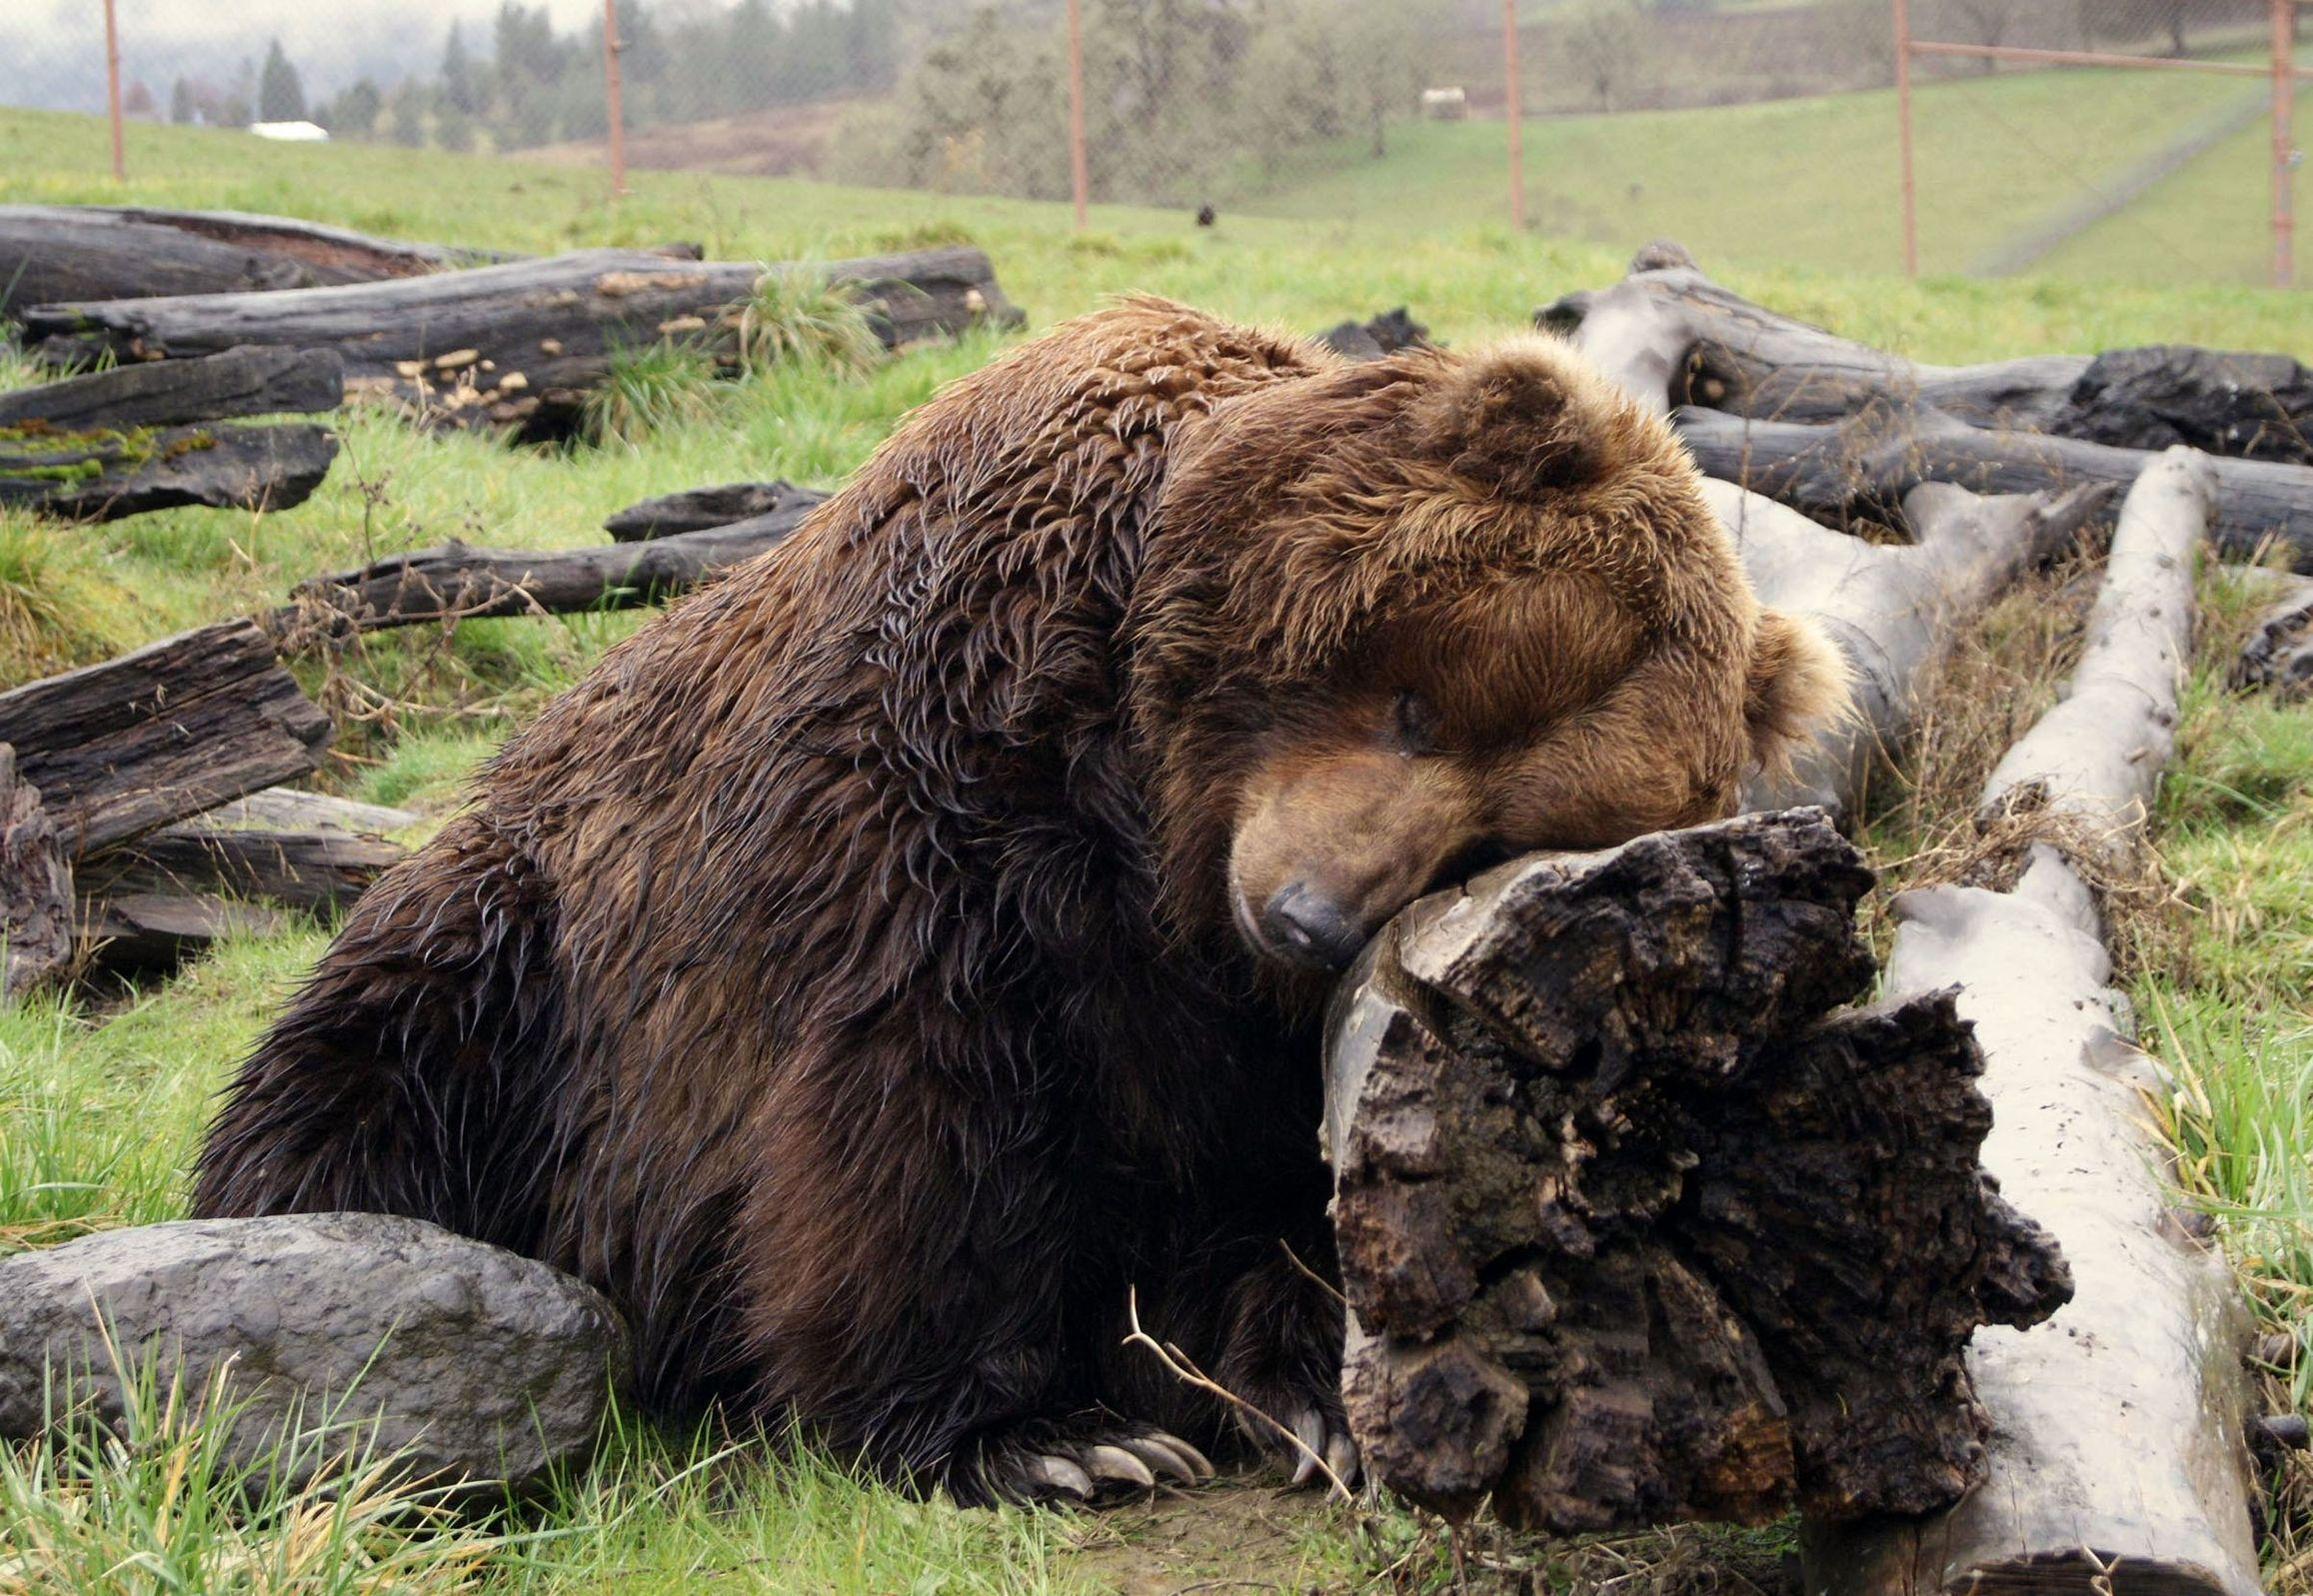 током статус картинка медведь поздравительной телеграммы опубликован